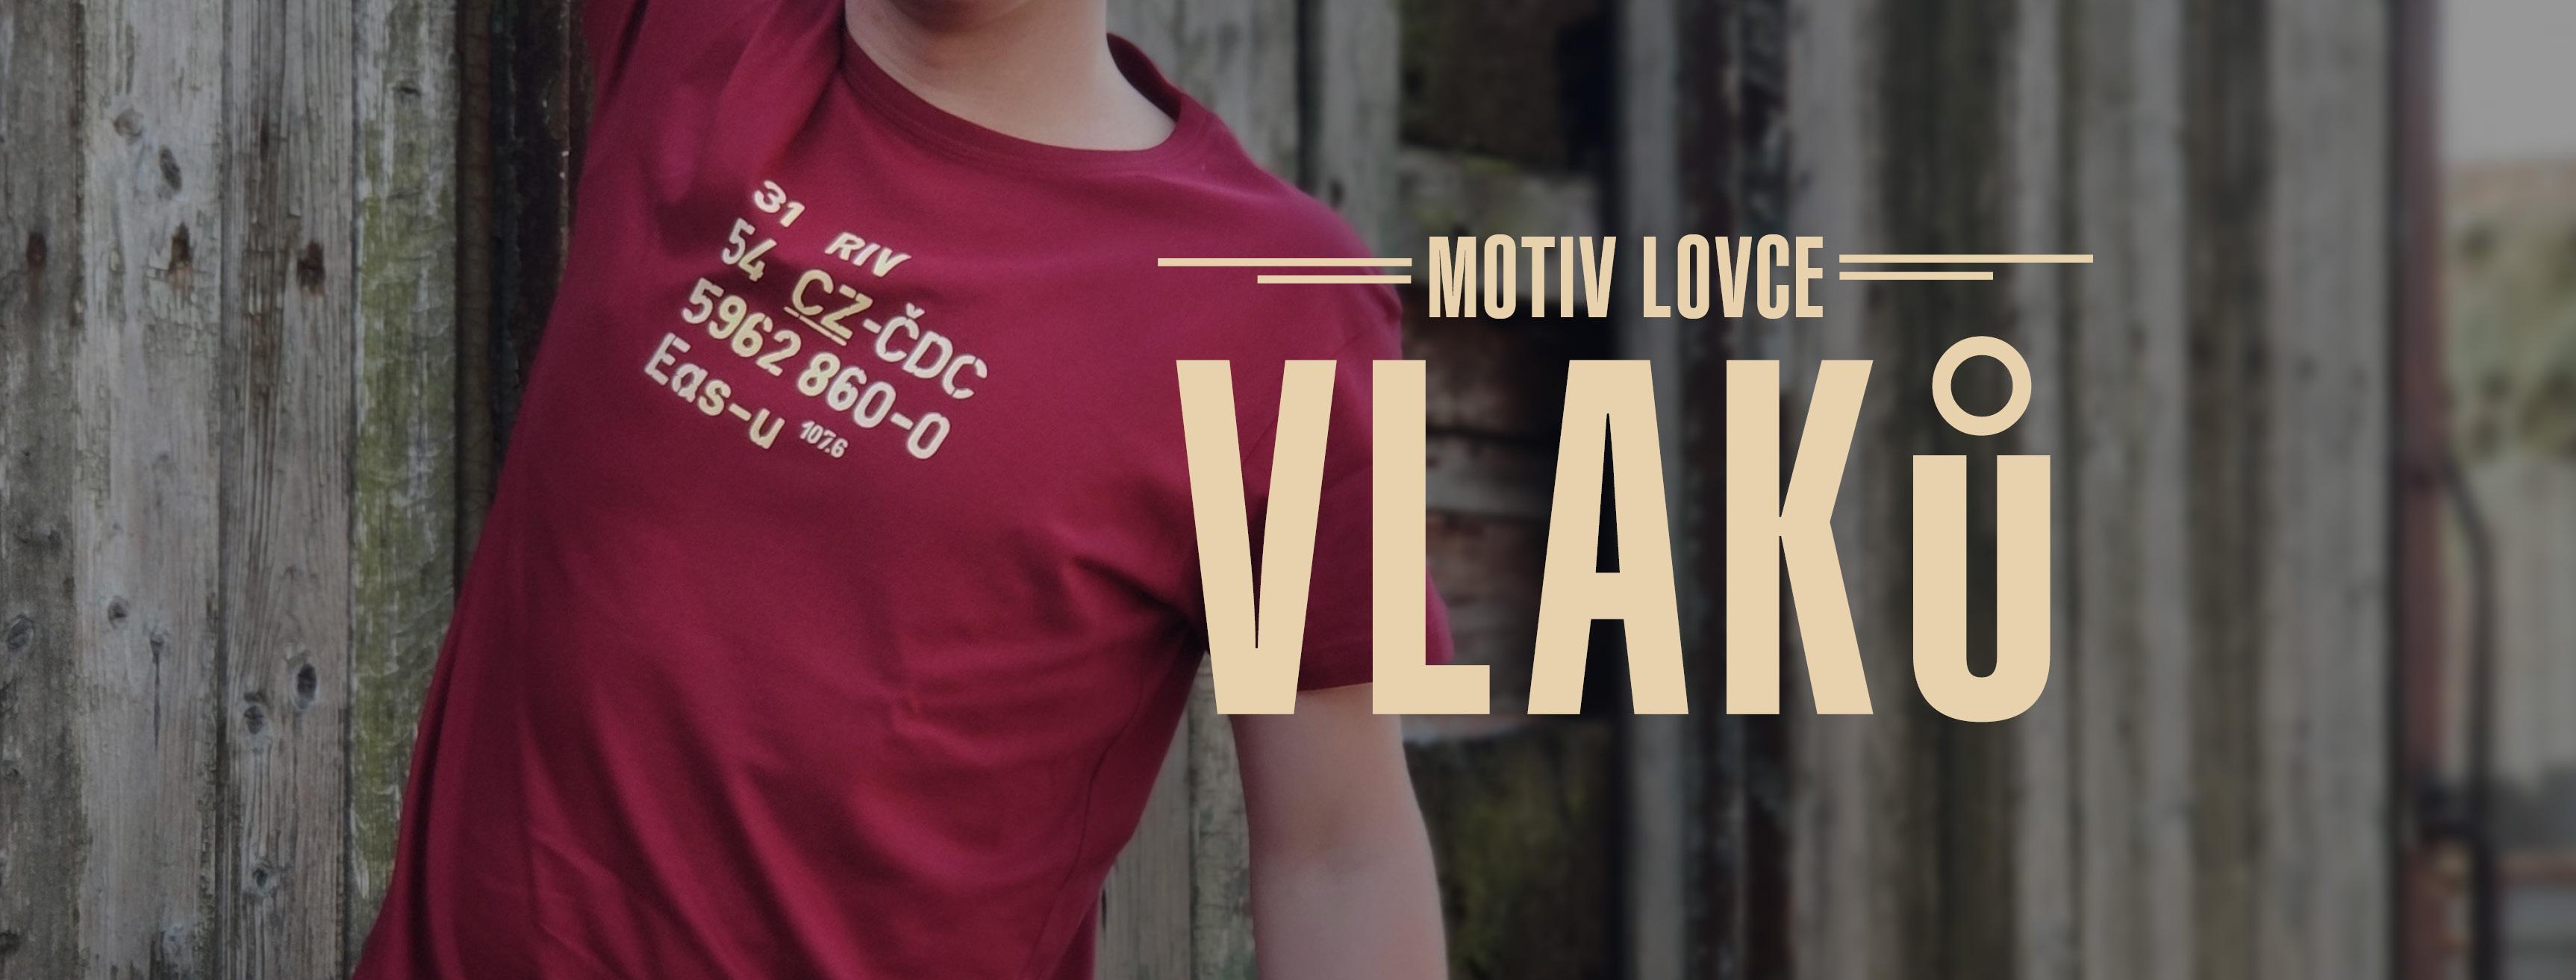 motiv lovce vlaků červené triko RIV